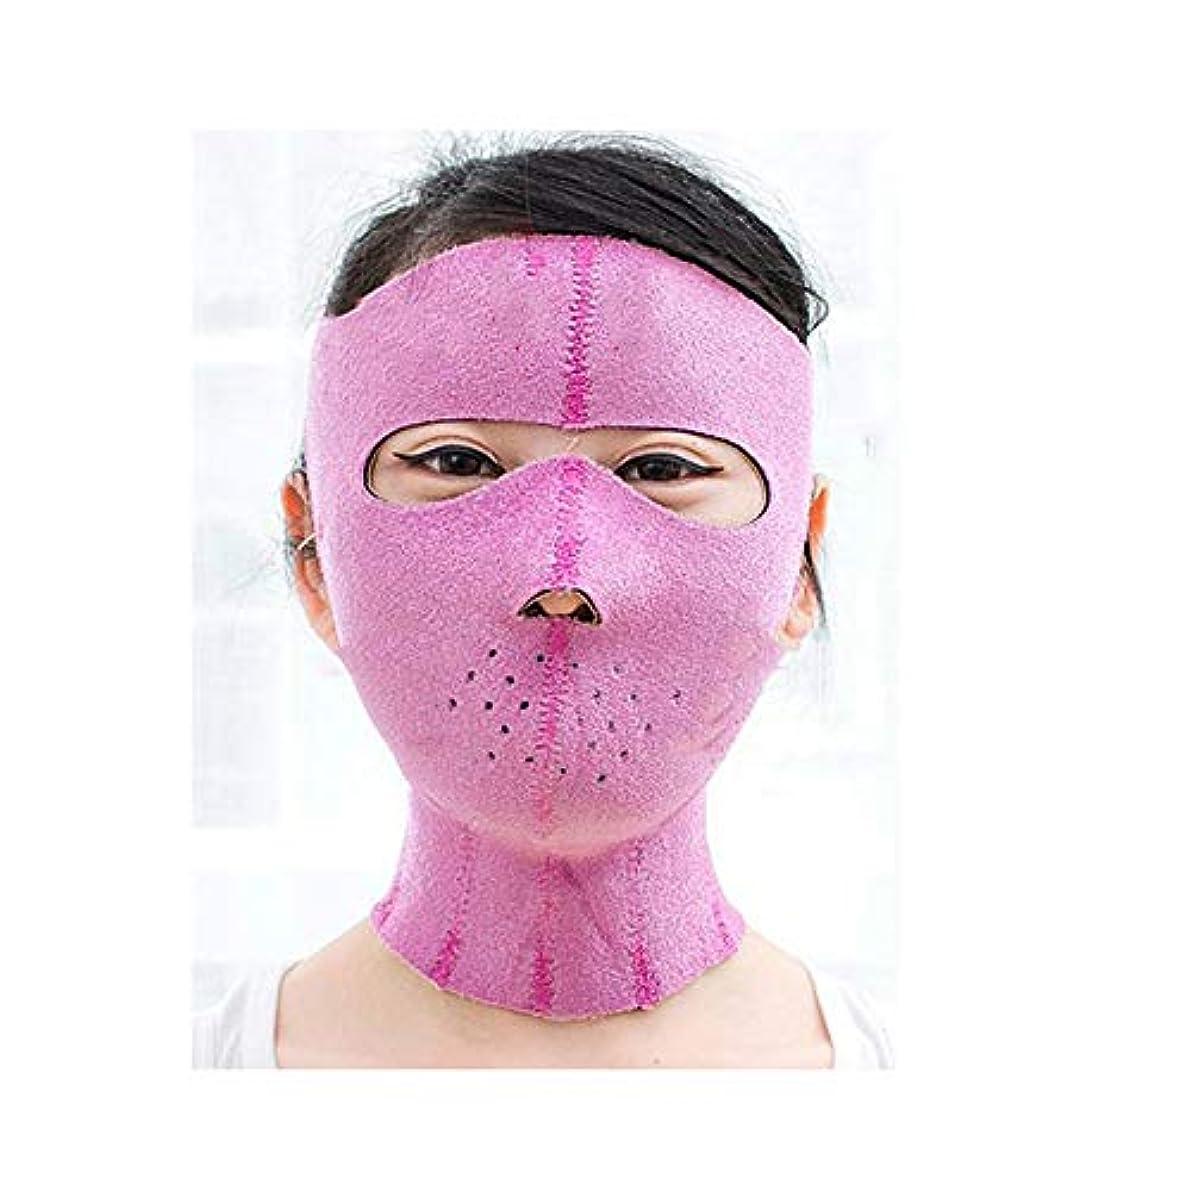 自発バルコニースリップフェイスリフティングサウナマスク、ウィッキングフェイス包帯/スモールフェイスアーチファクト/フェイスマスク(ピンク)